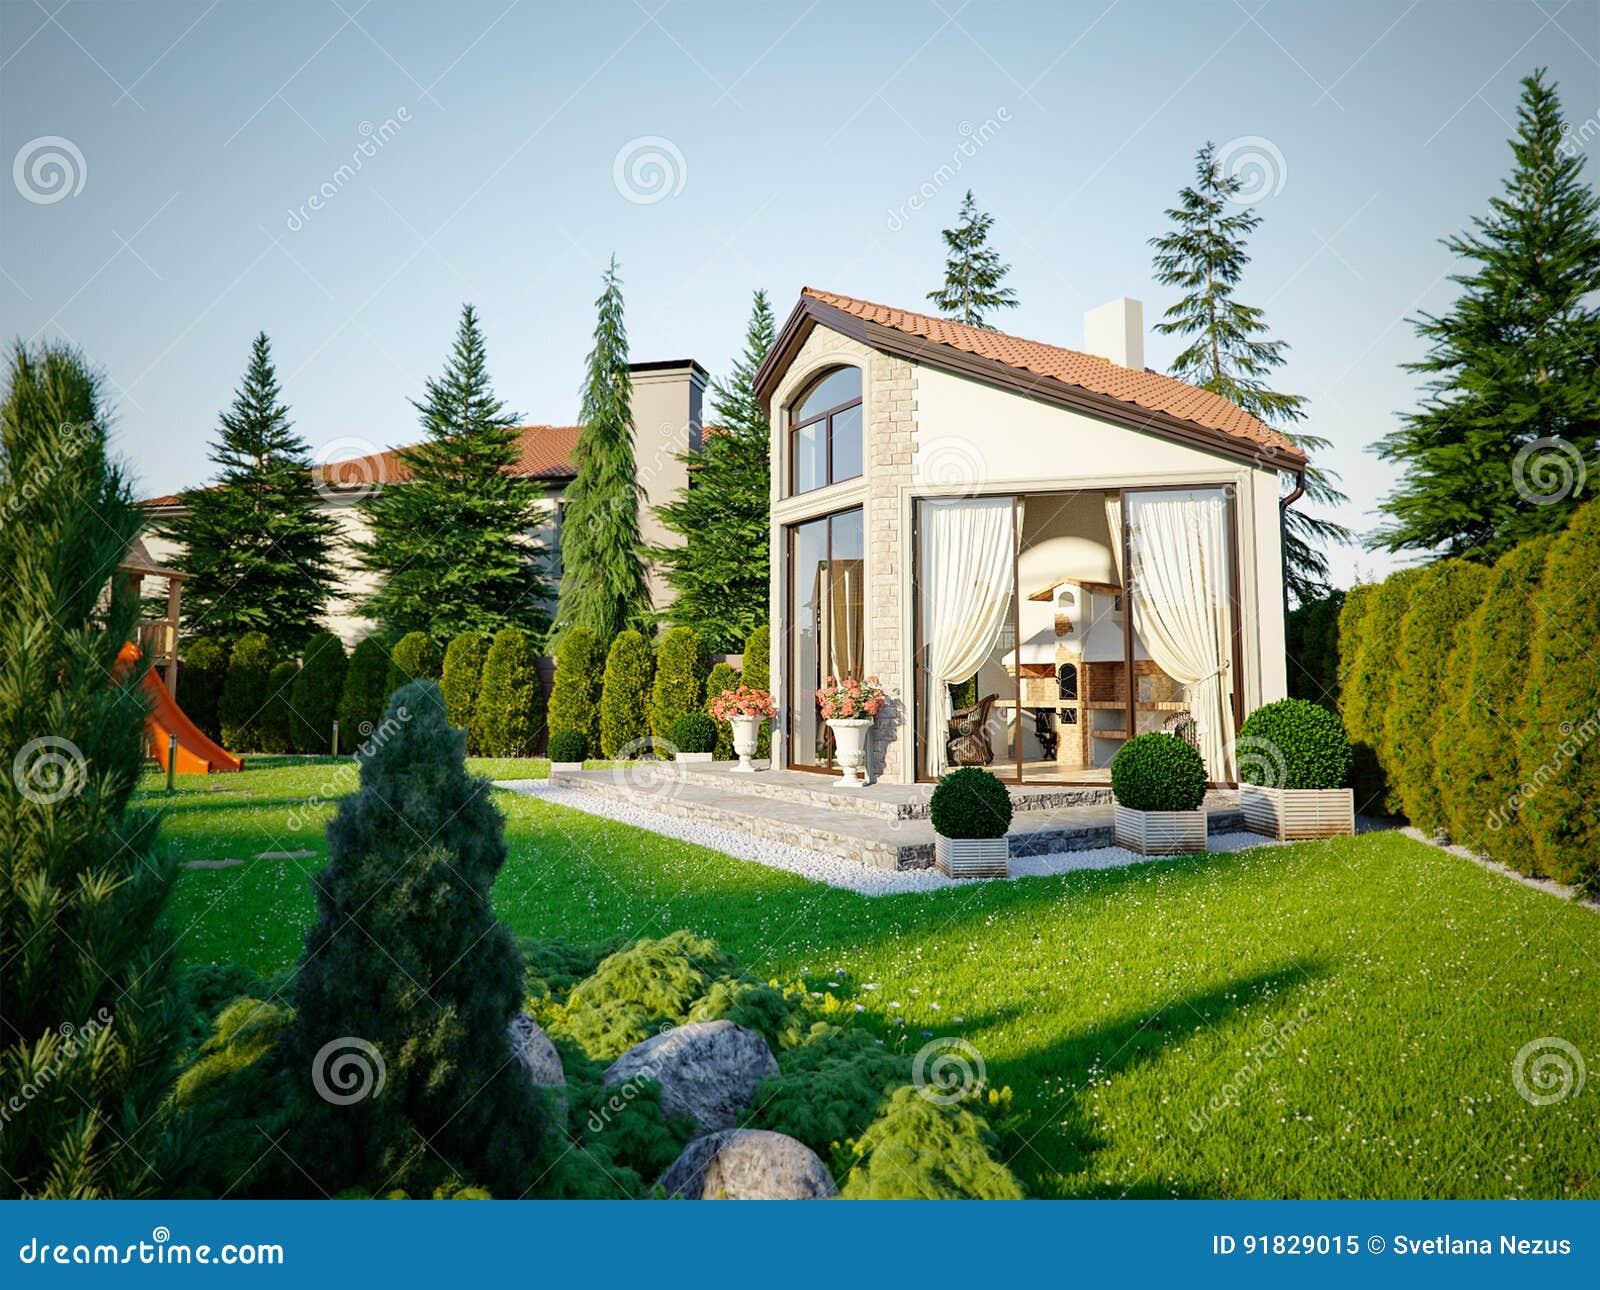 插画 包括有 设计, 房子, 庭院, 自定义, 庄园, 花圃, 邻里图片